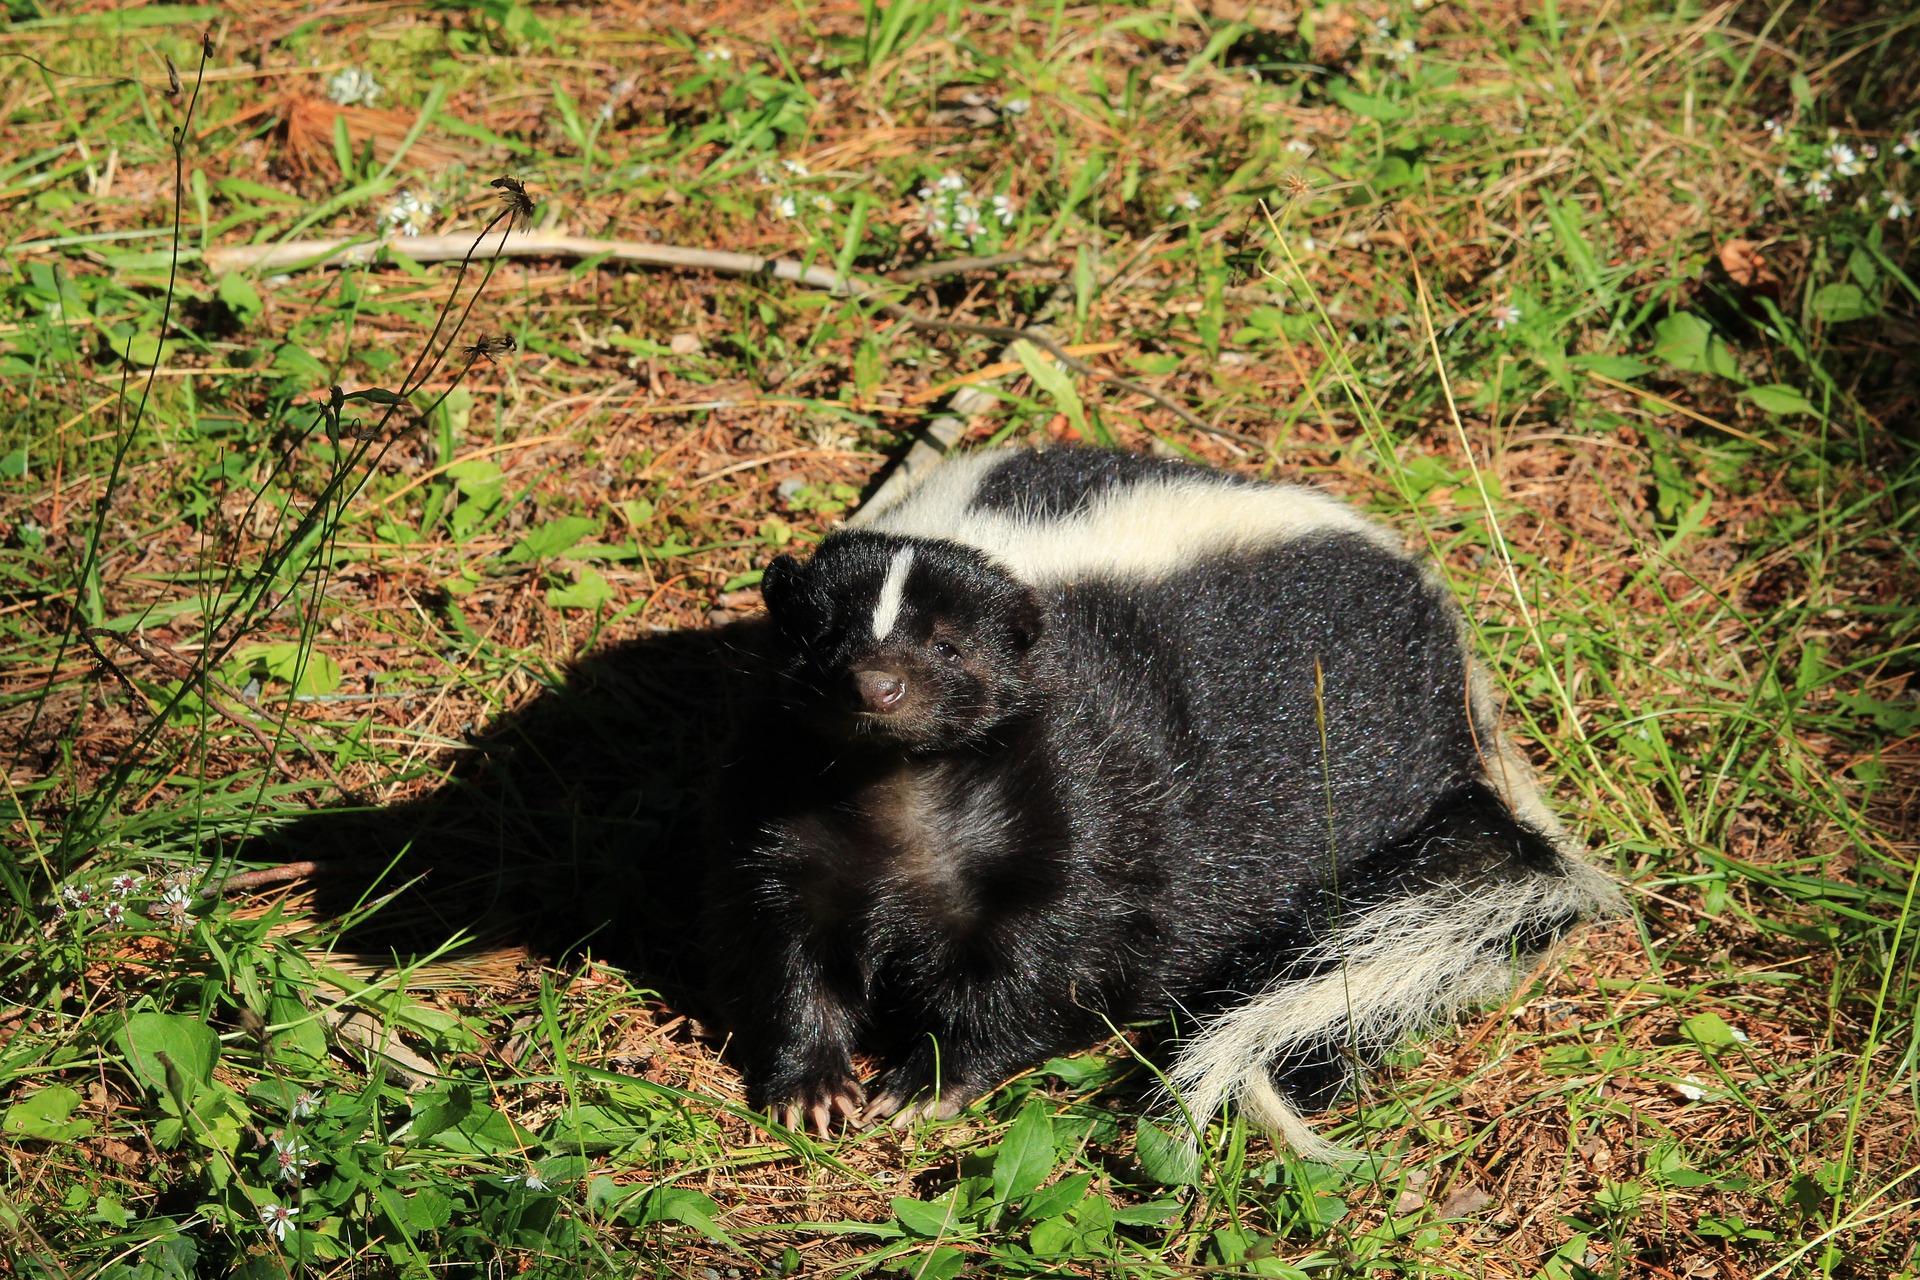 Image of skunk resting in backyard